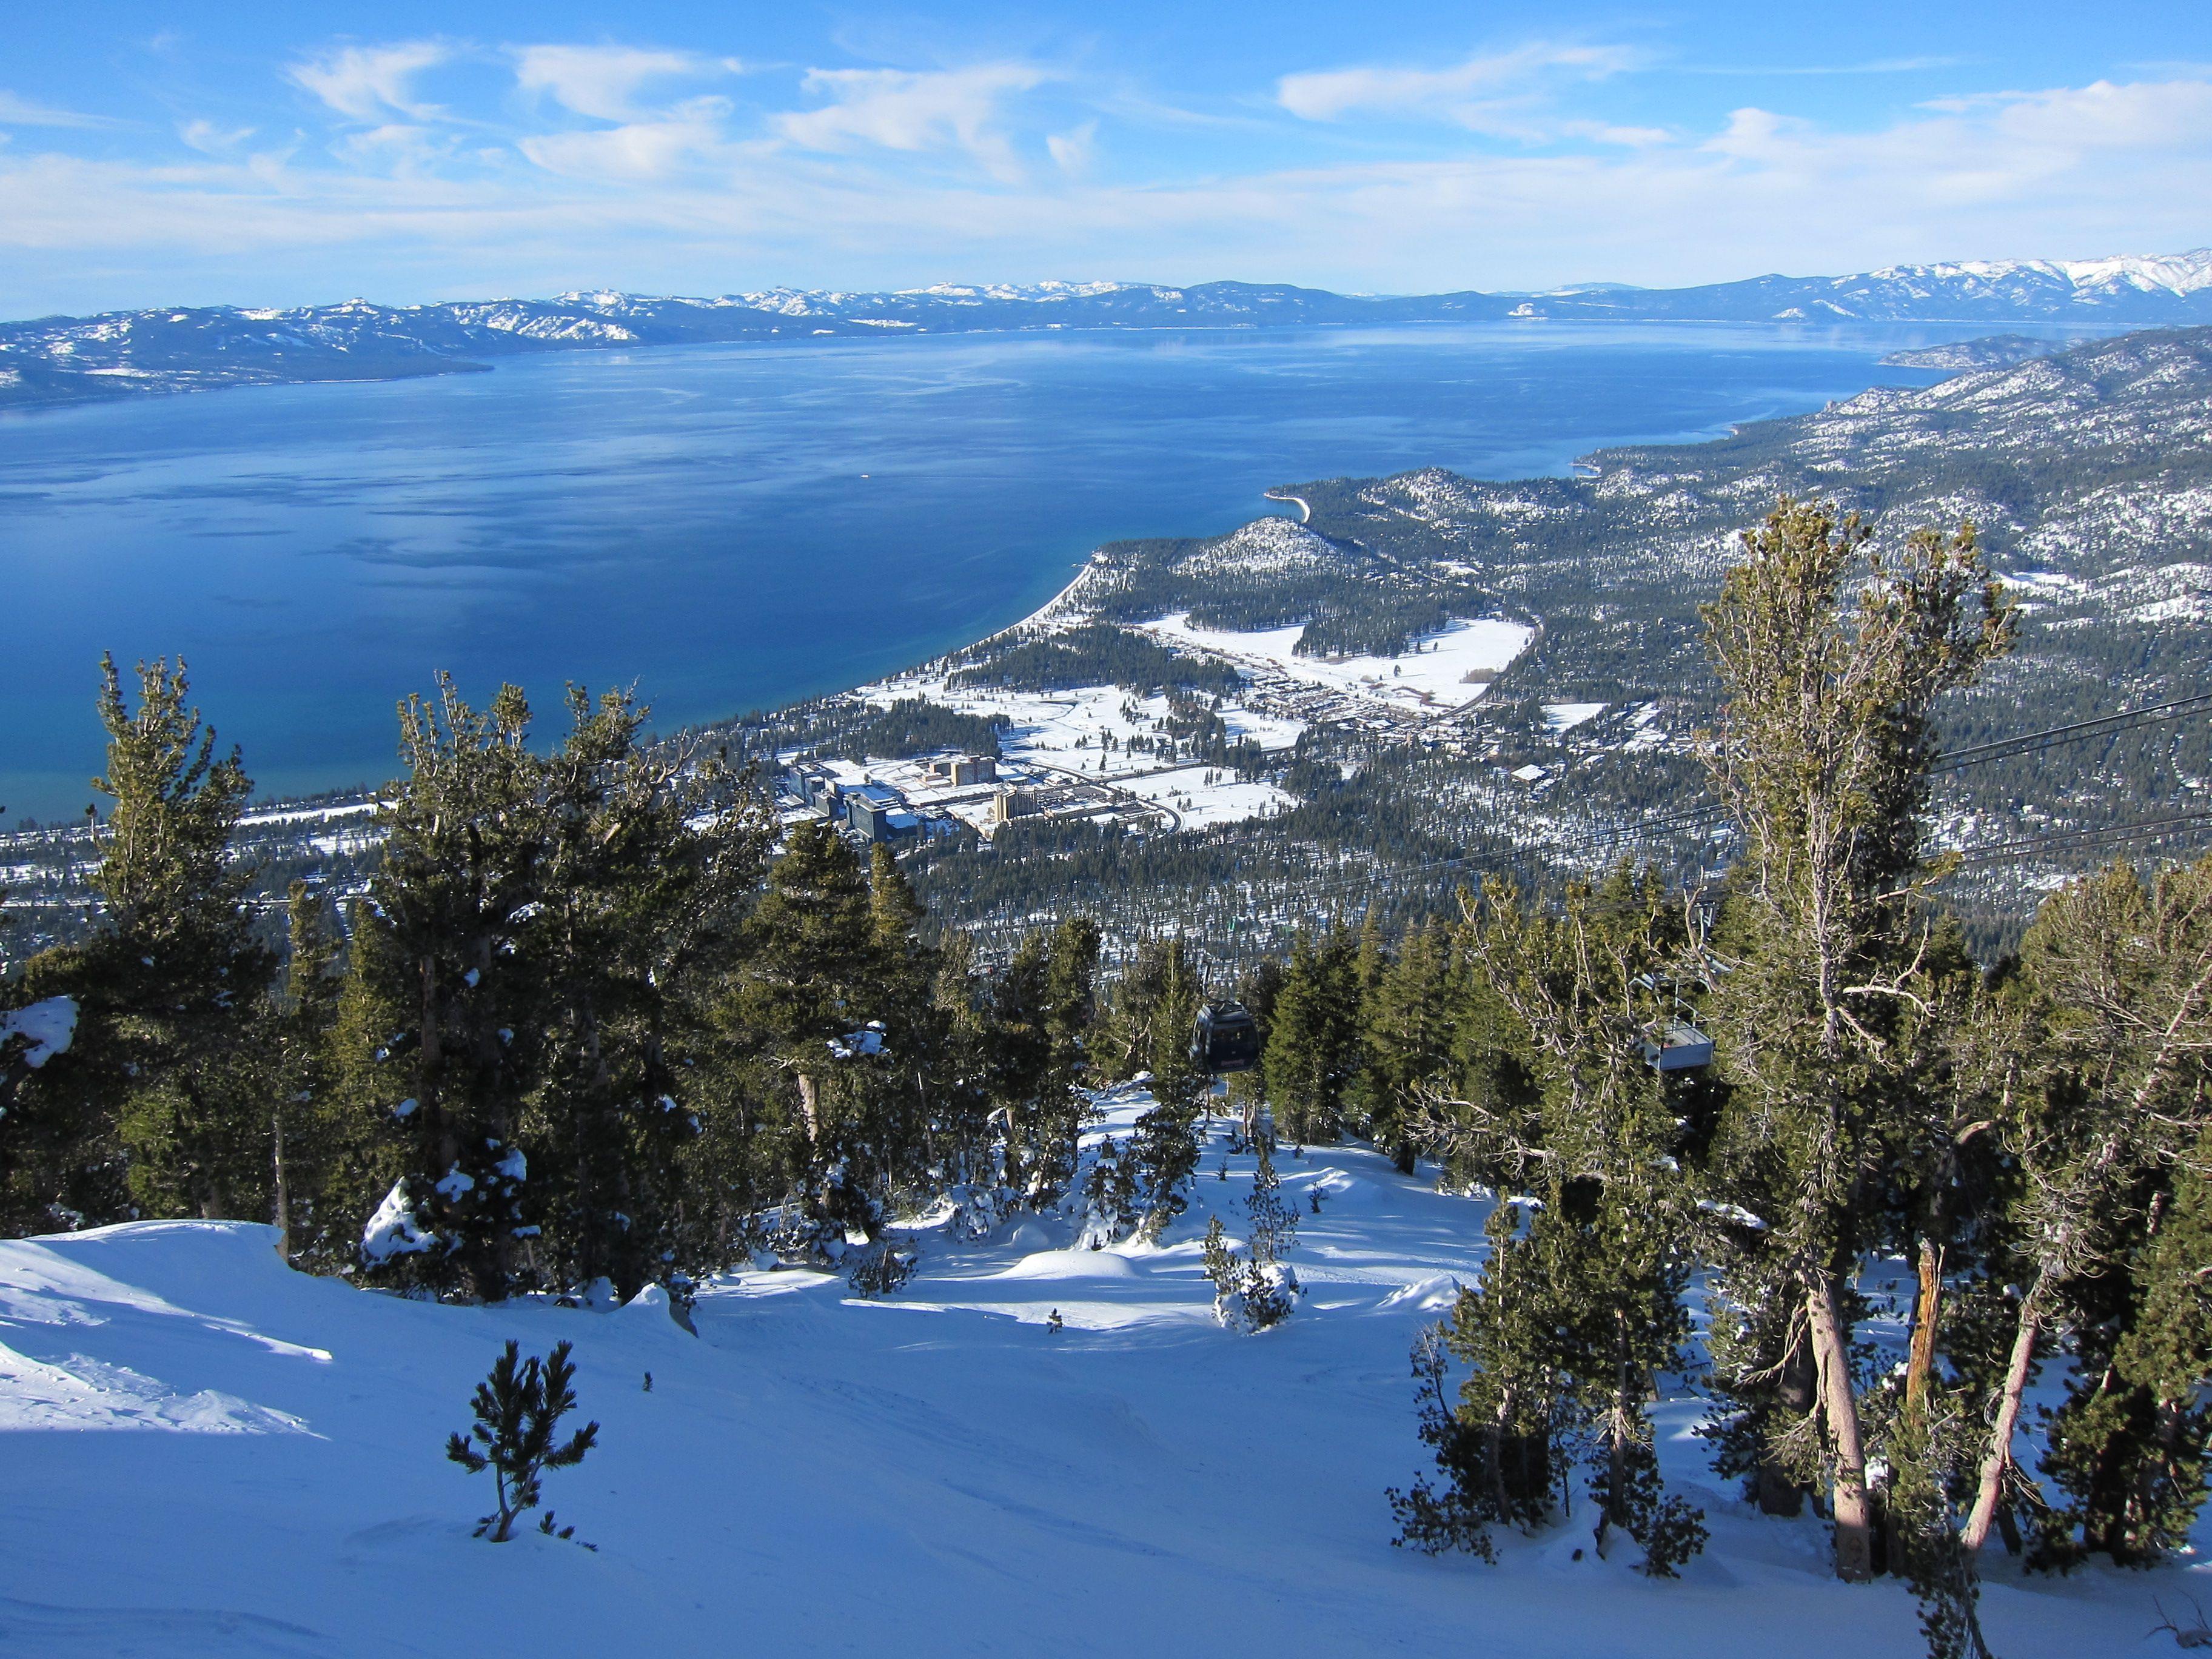 South Lake Tahoe Heavenly Ski Resort Lake Tahoe South Lake Tahoe